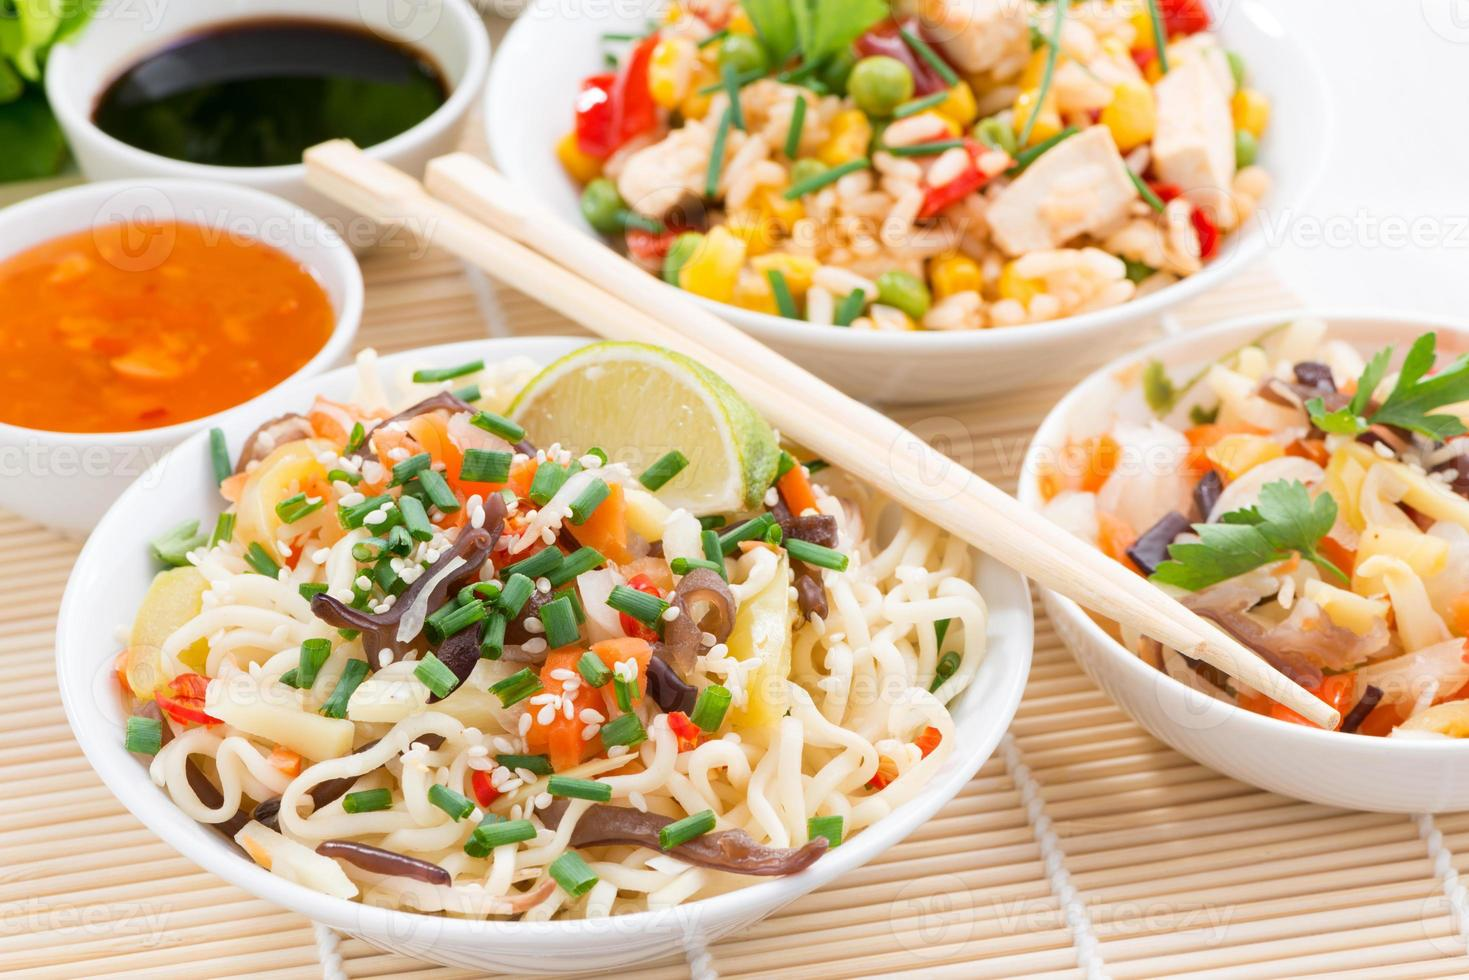 comida asiática: fideos con verduras y verduras, arroz frito foto